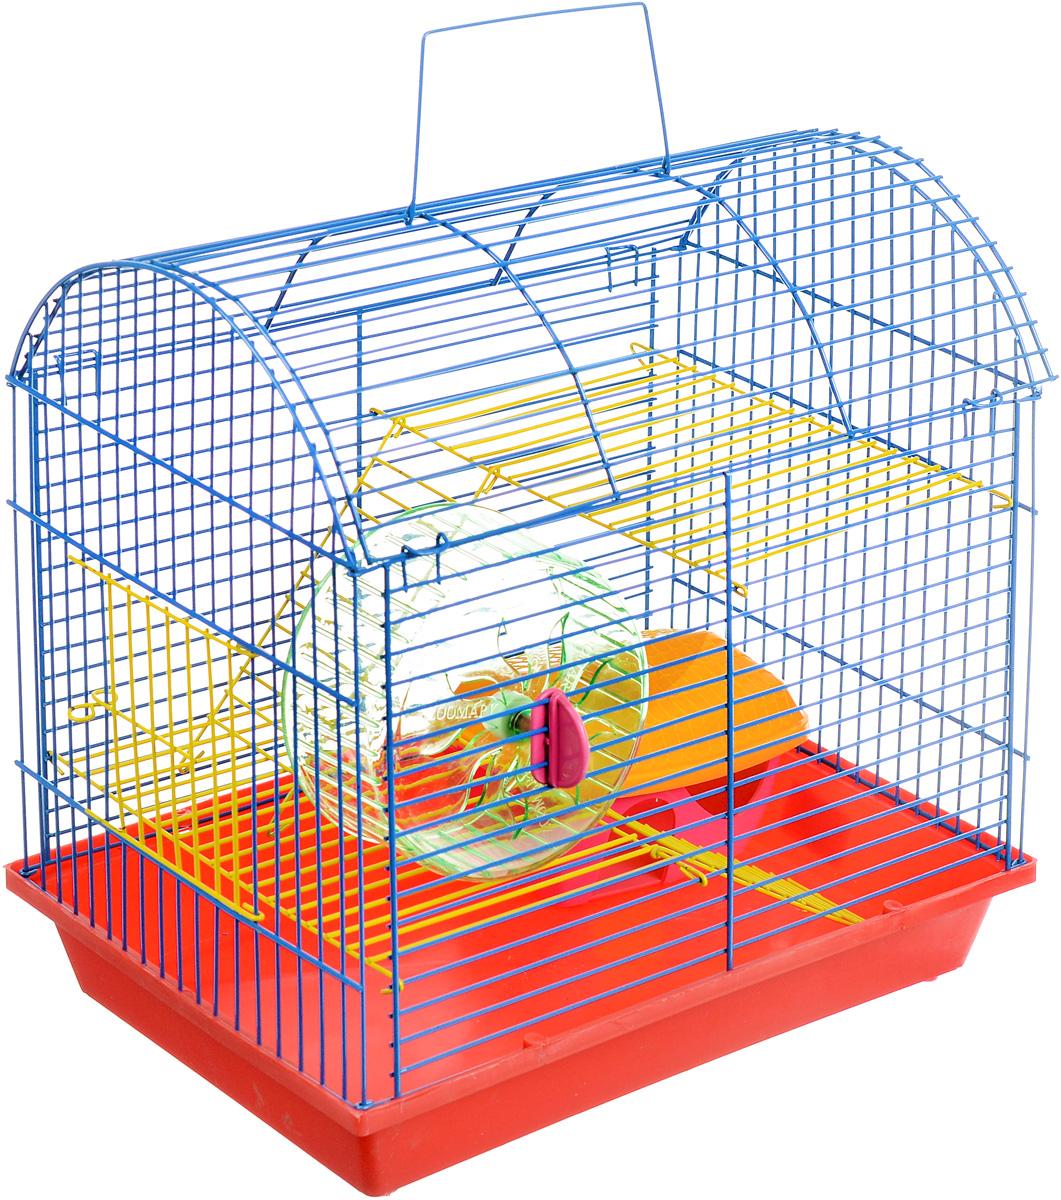 Клетка для грызунов ЗооМарк, 2-этажная, цвет: красный поддон, синяя решетка, желтые этажи, 37 х 23 х 35 см клетка для грызунов зоомарк гризли 4 этажная цвет красный поддон синяя решетка красные этажи 41 х 30 х 50 см